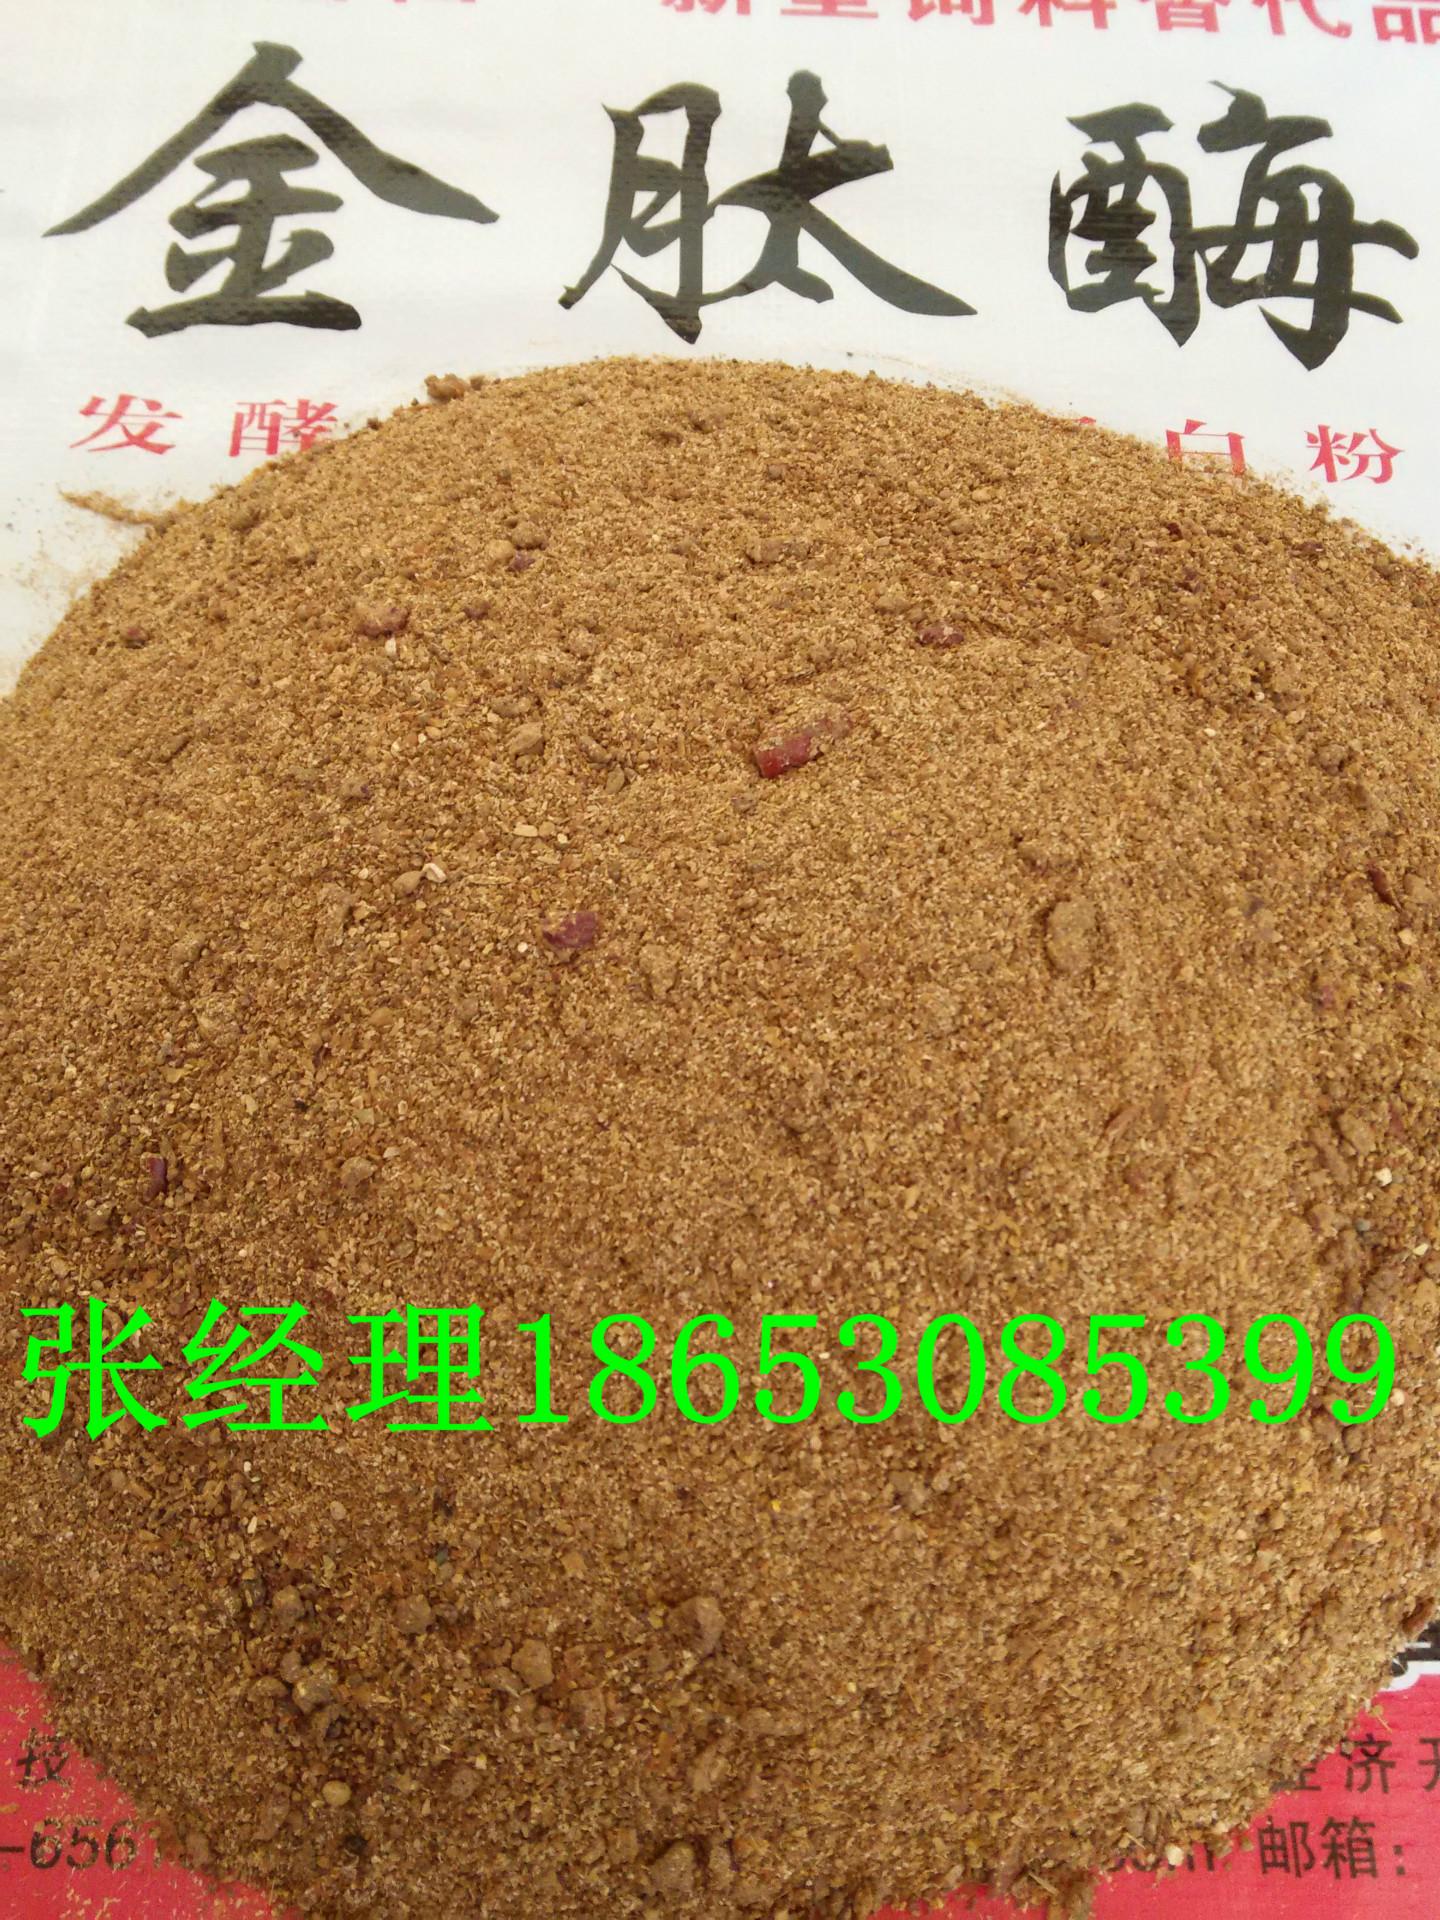 Nguyên liệu sản xuất thức ăn chăn nuôi Protein powder livestock and chickens, ducks and feed ingredi